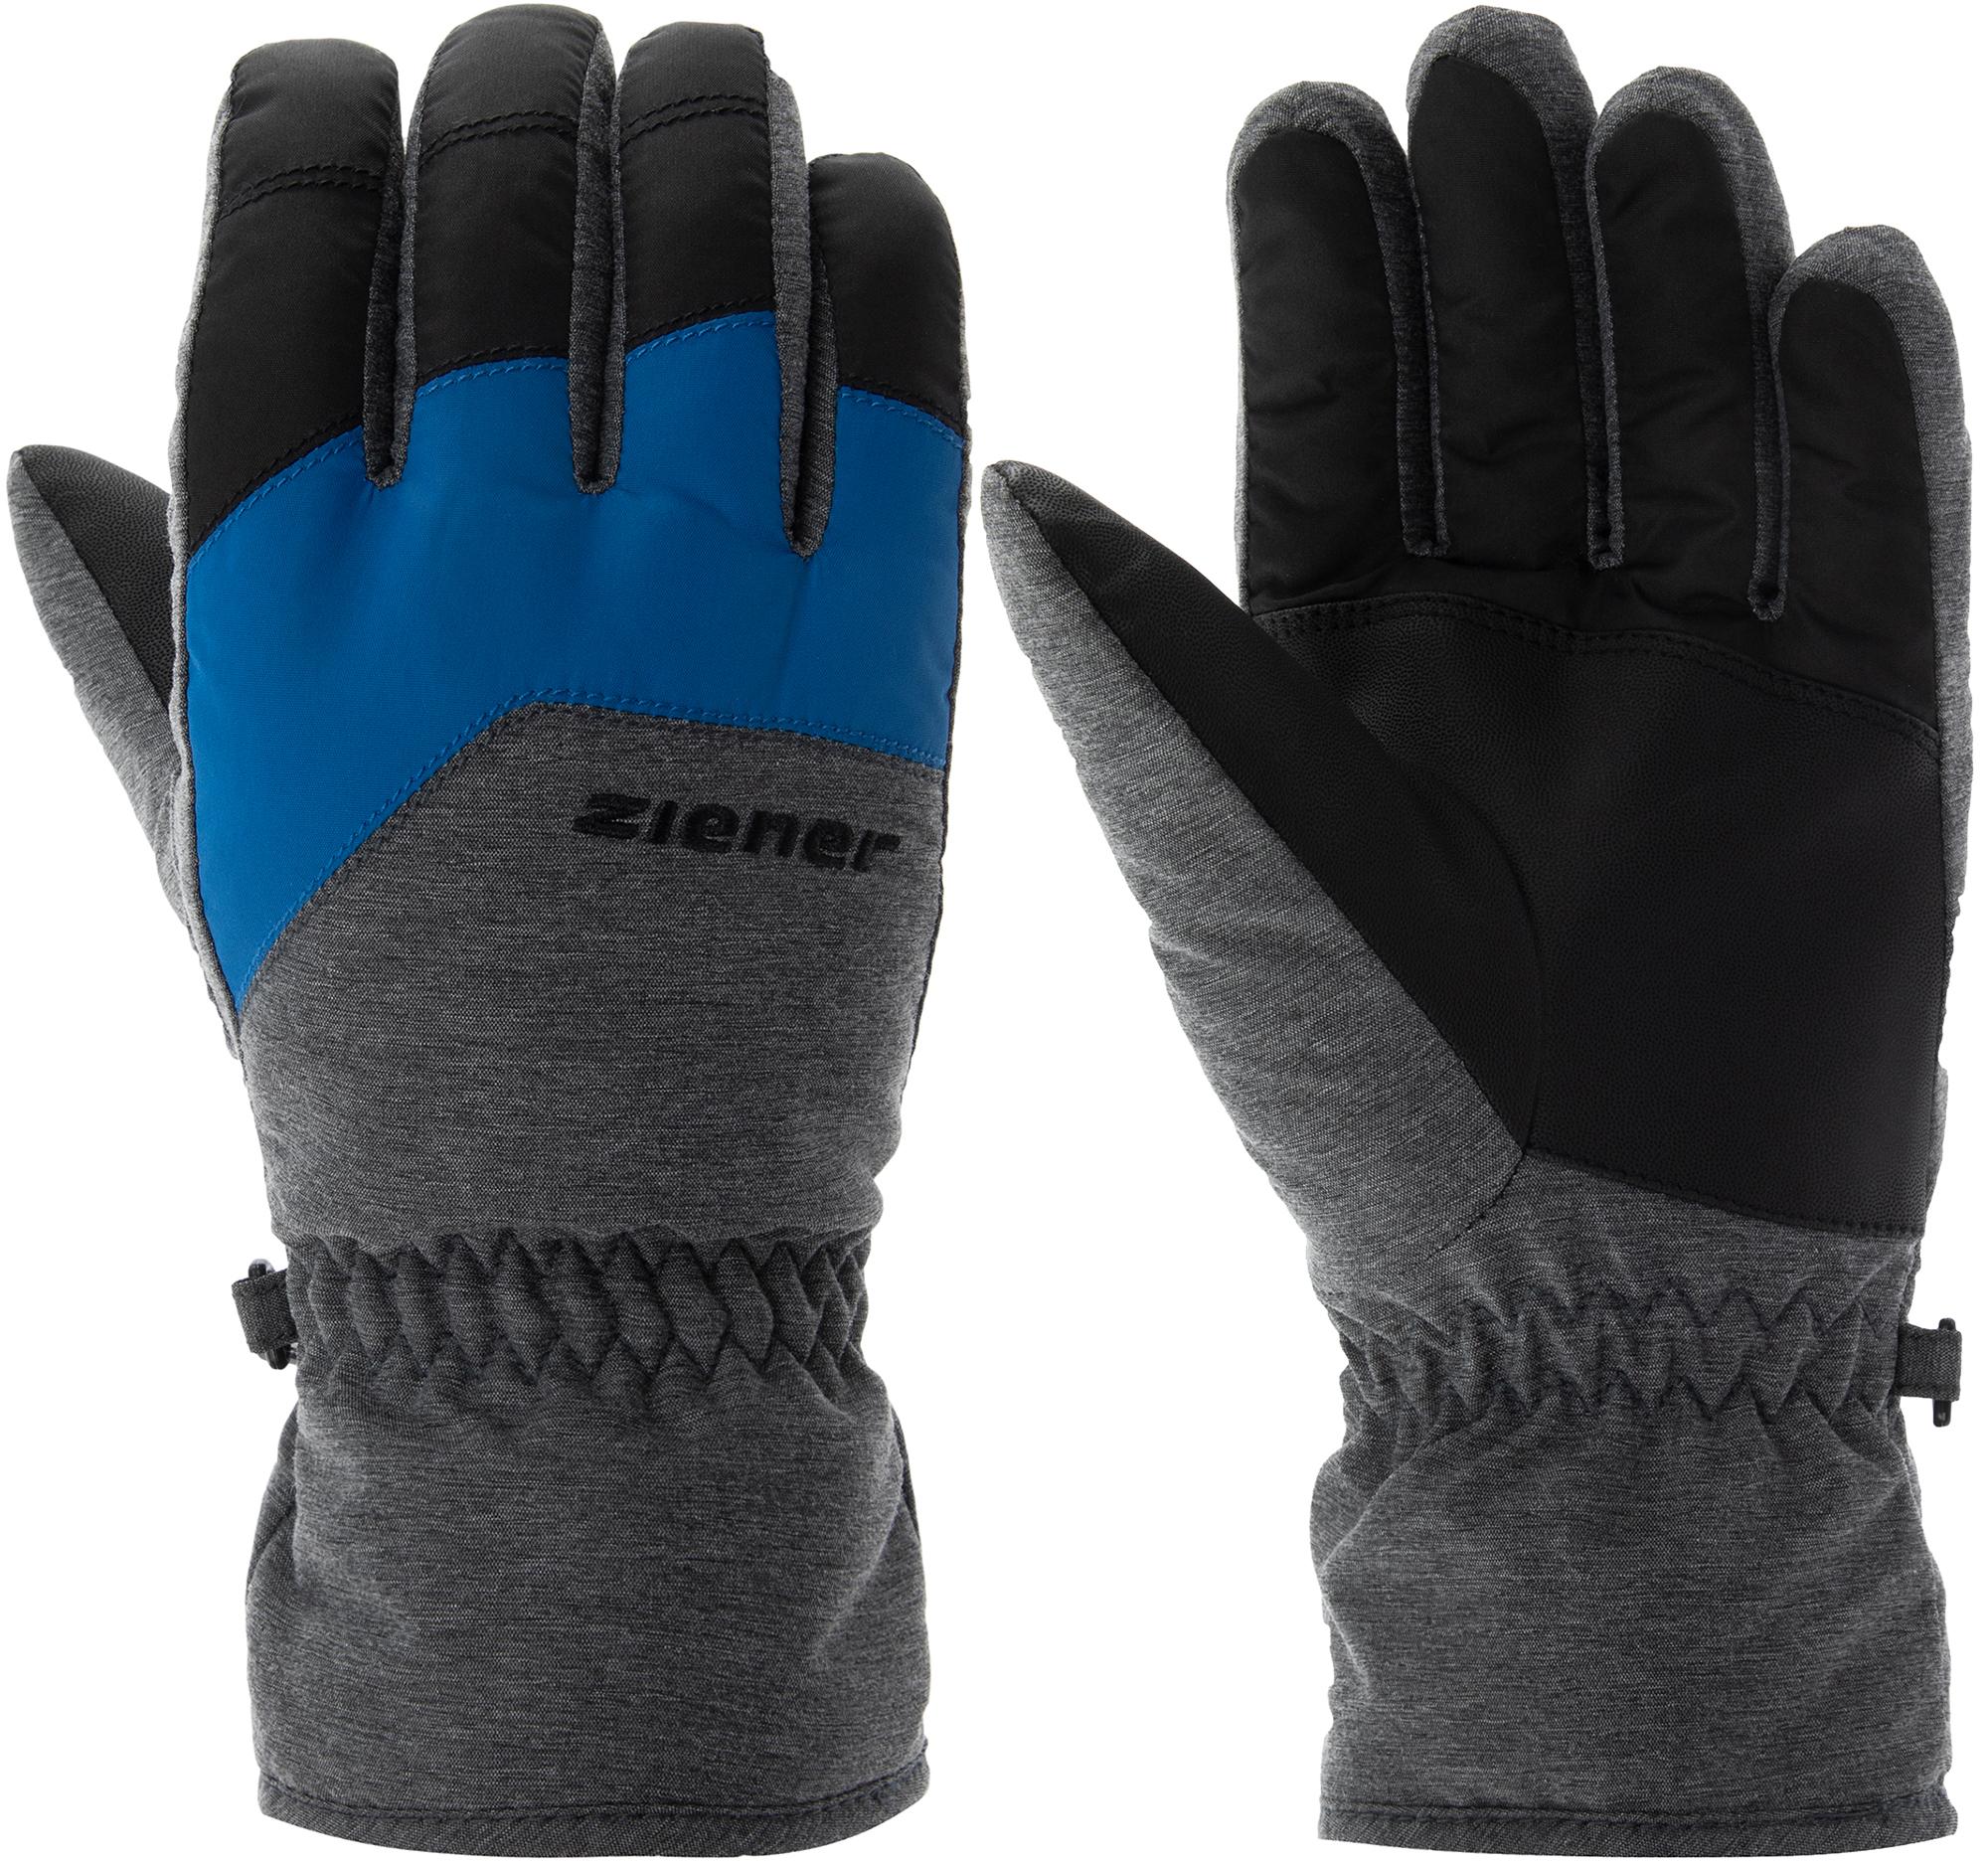 Ziener Перчатки для мальчиков Ziener, размер 6,5